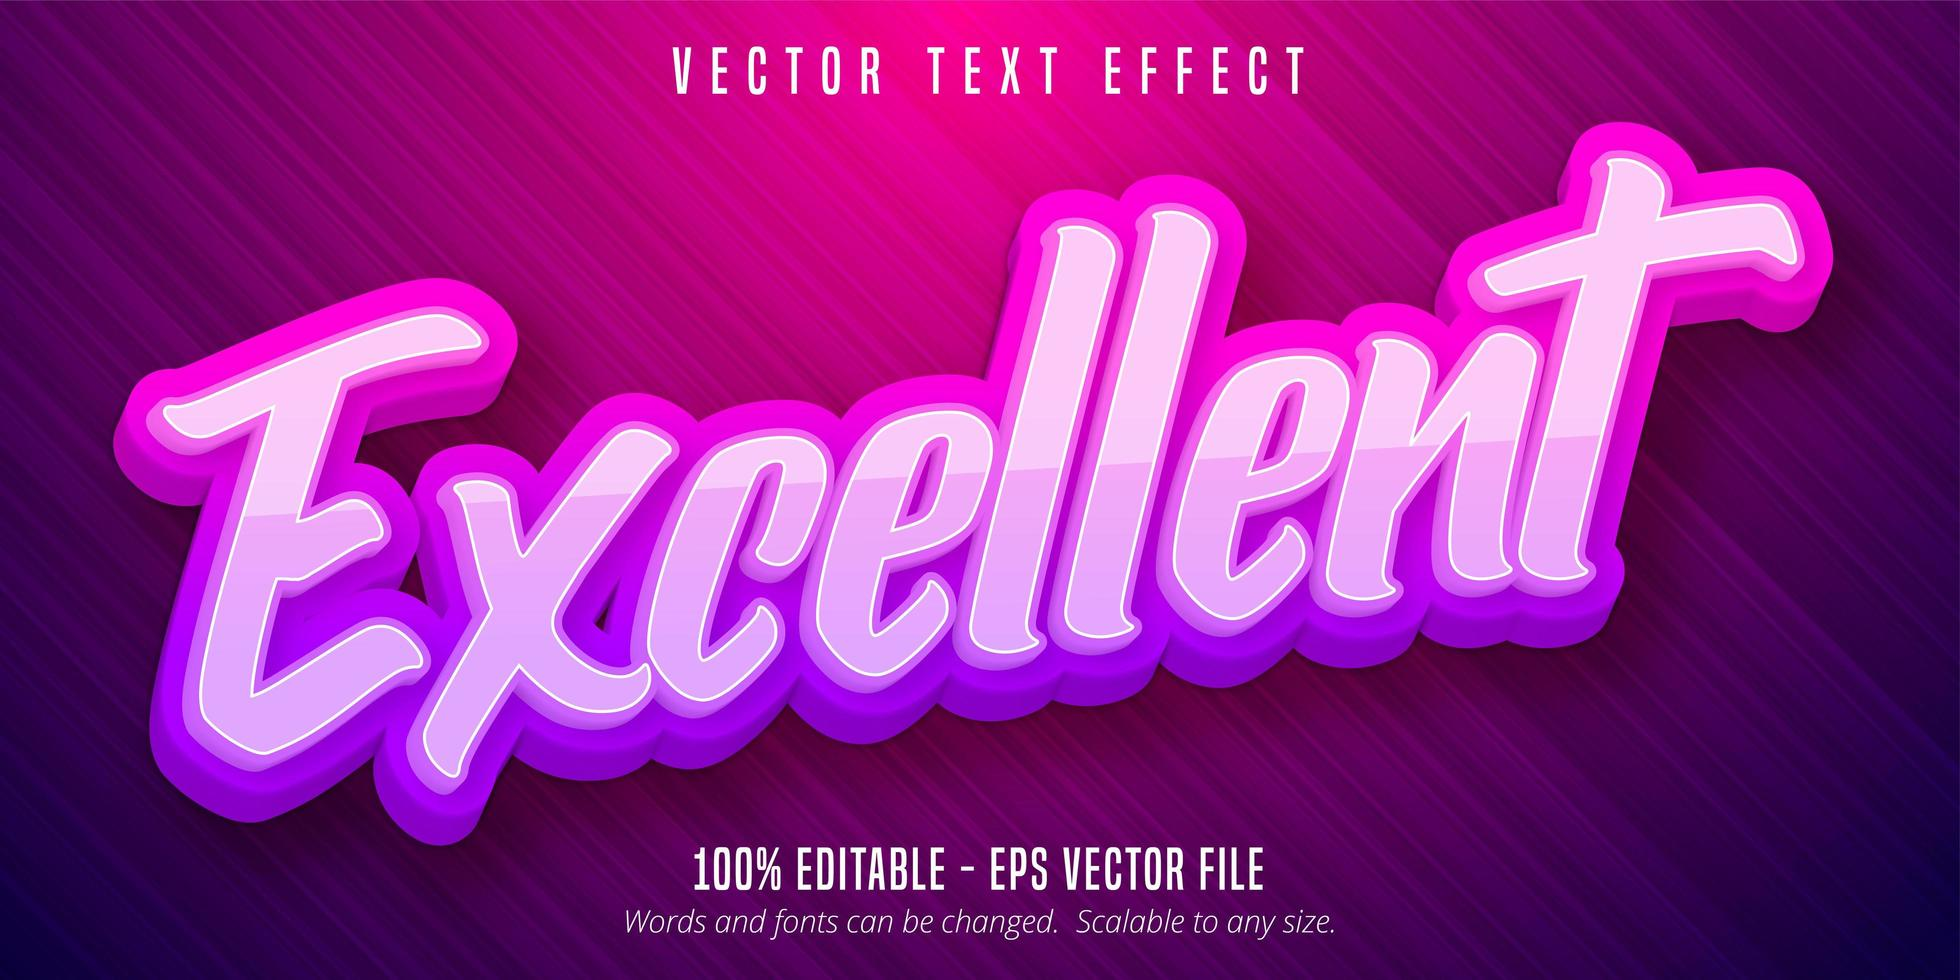 excelente efeito de texto rosa roxo vetor